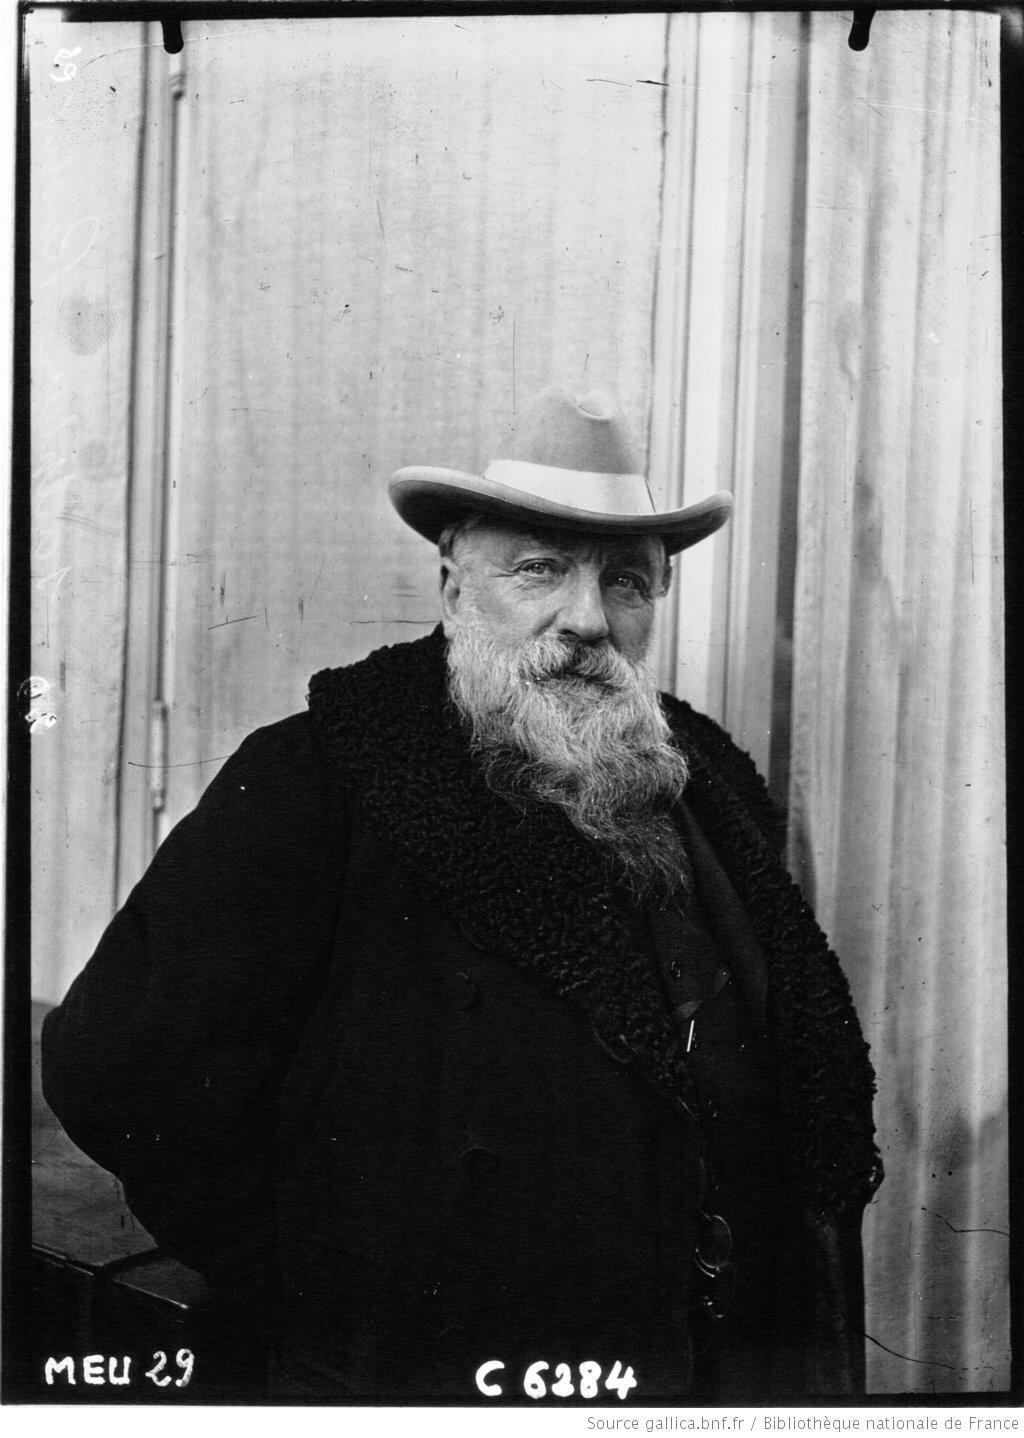 Chân dung Auguste Rodin chụp năm 1909.